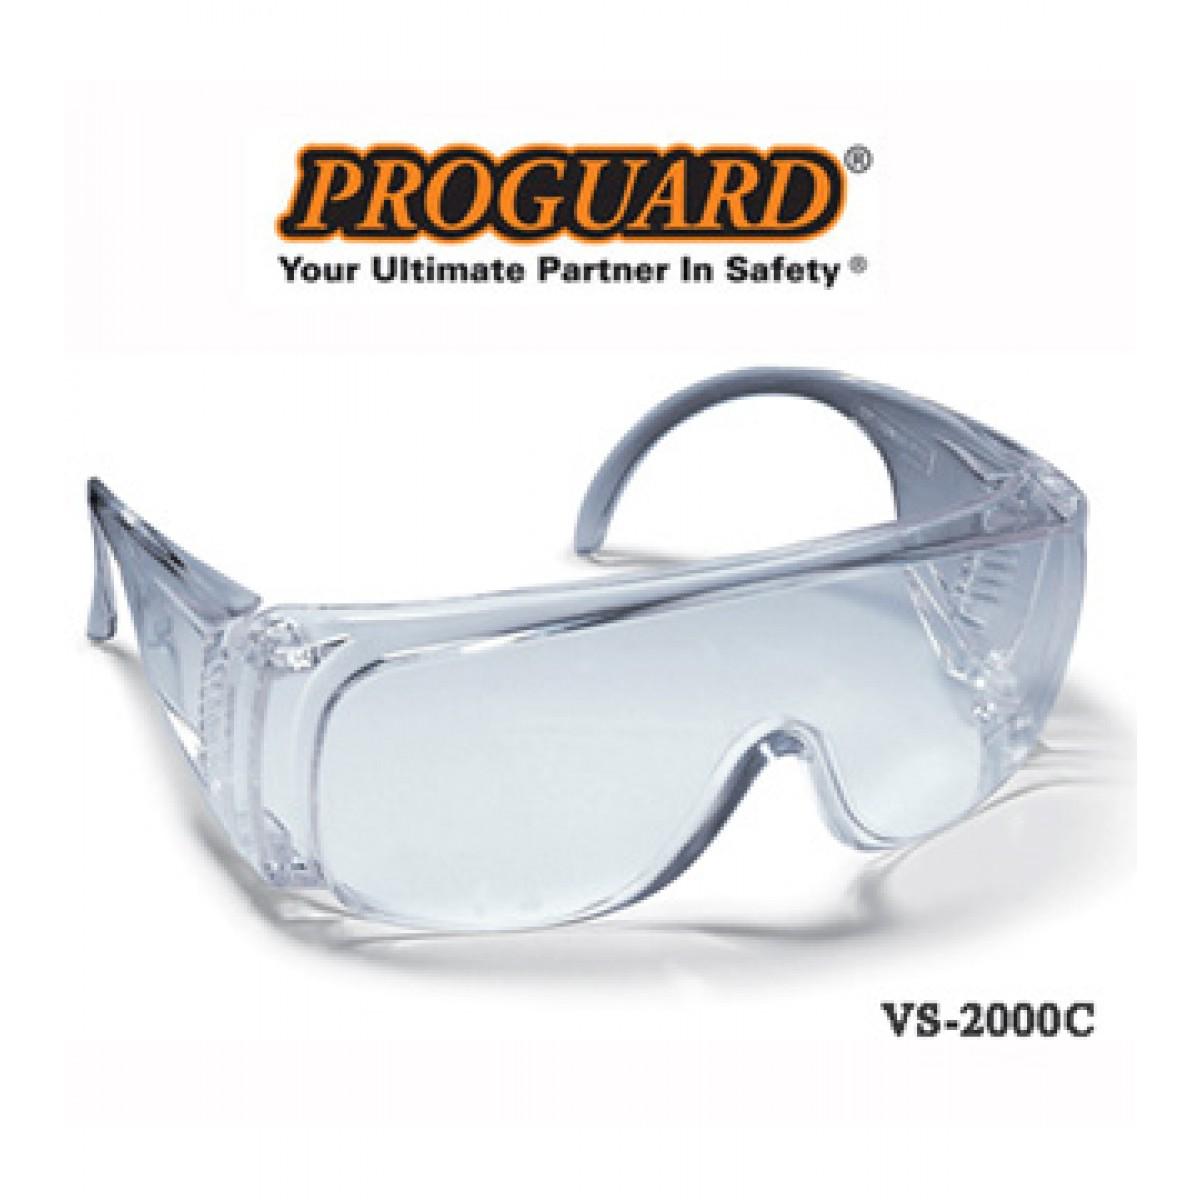 Cung cấp kính bảo hộ lao động Proguard VS 2000-C tại TP Hồ Chí Minh